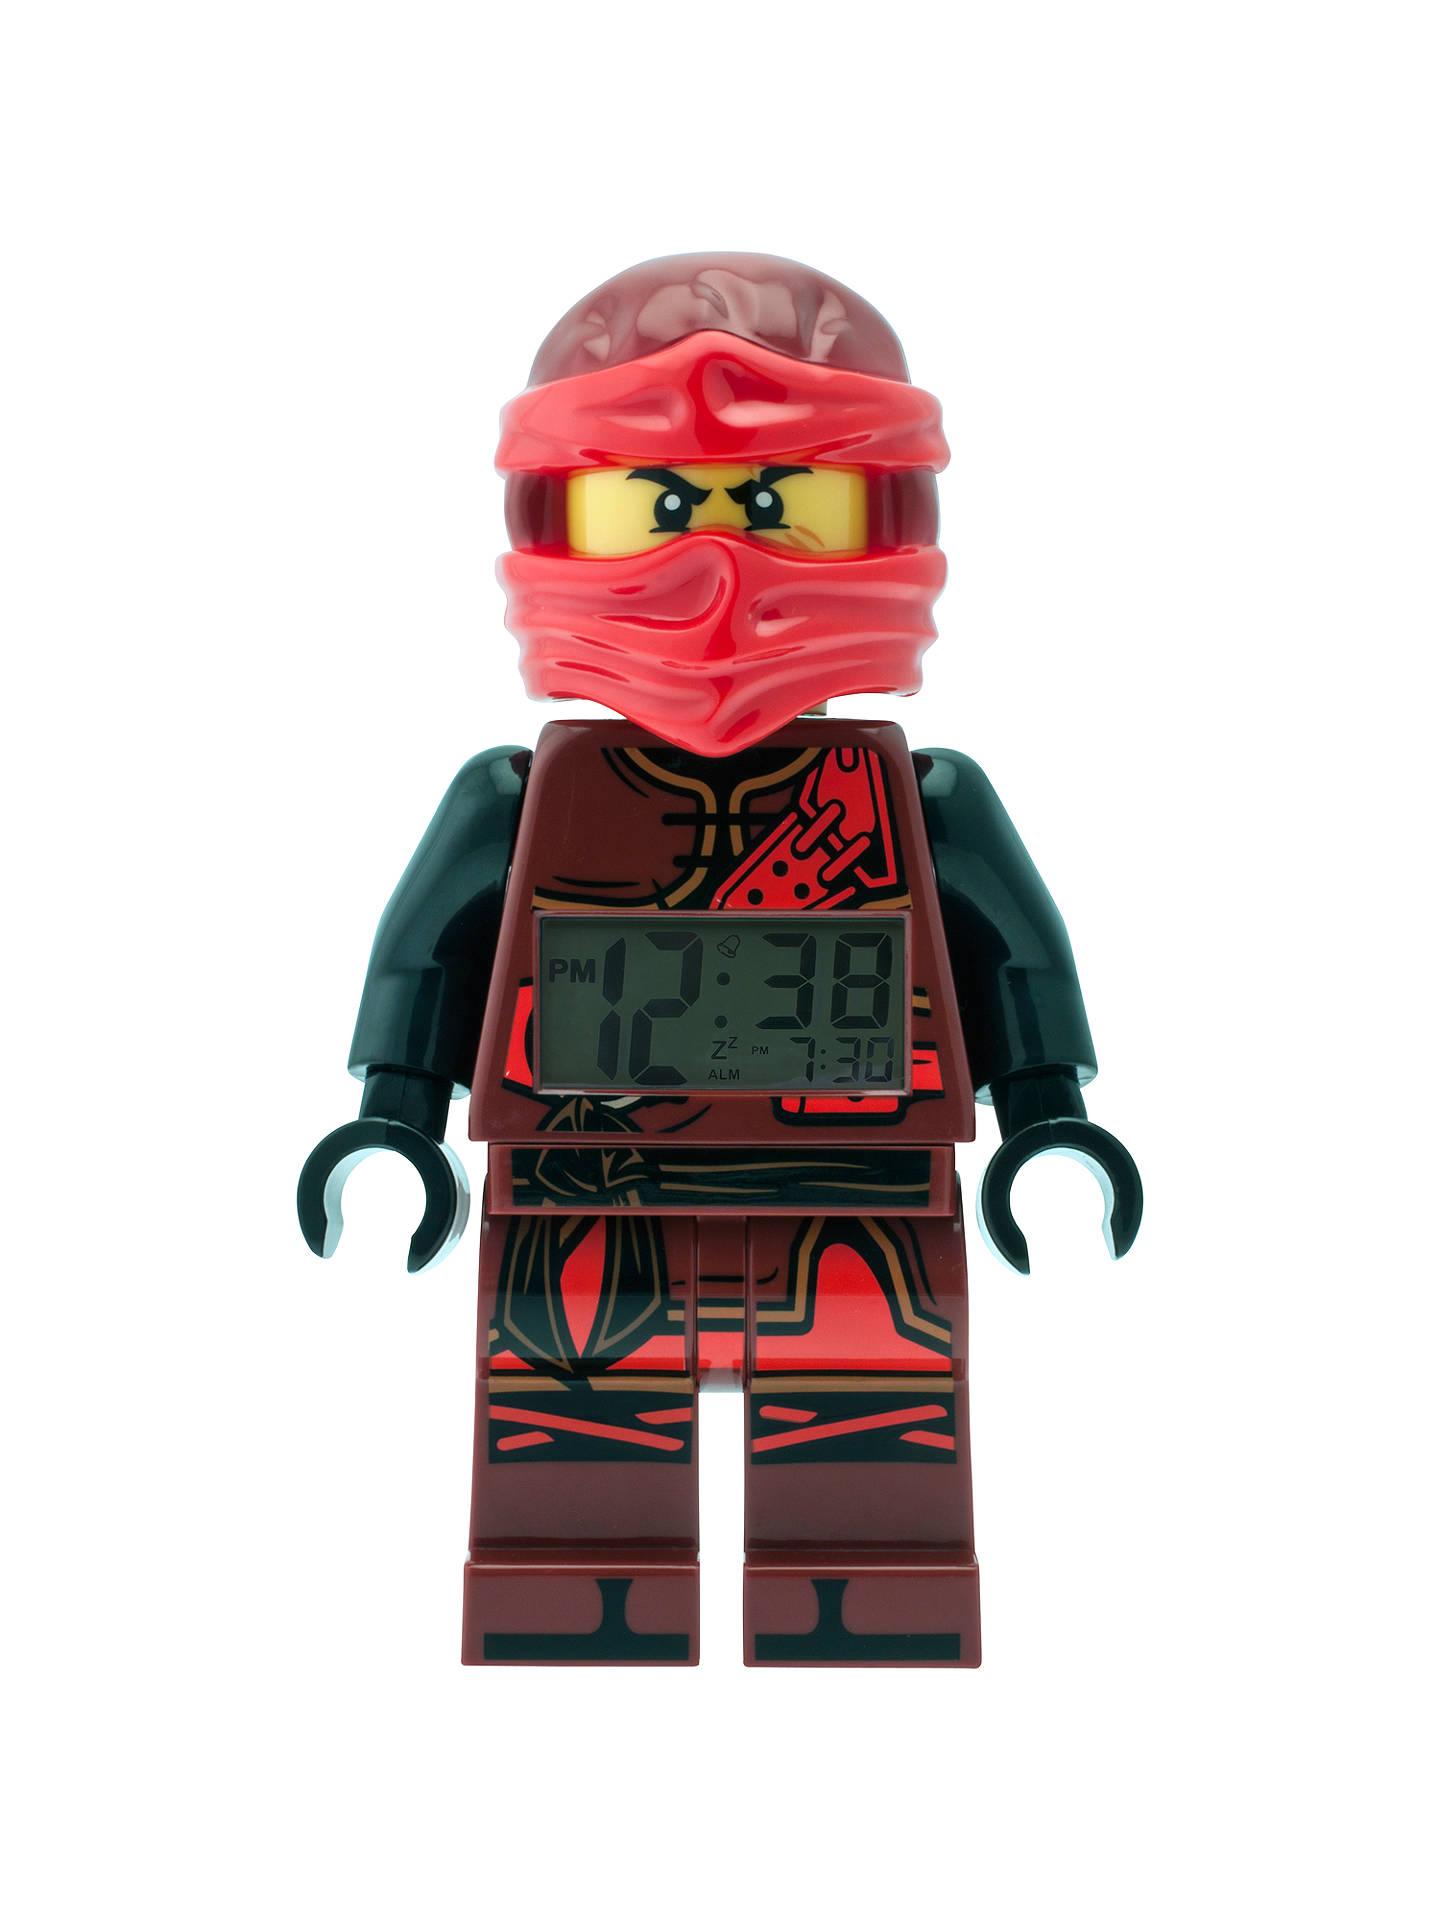 Baukästen Konstruktion Spielzeug Lego New Tan Minifigure